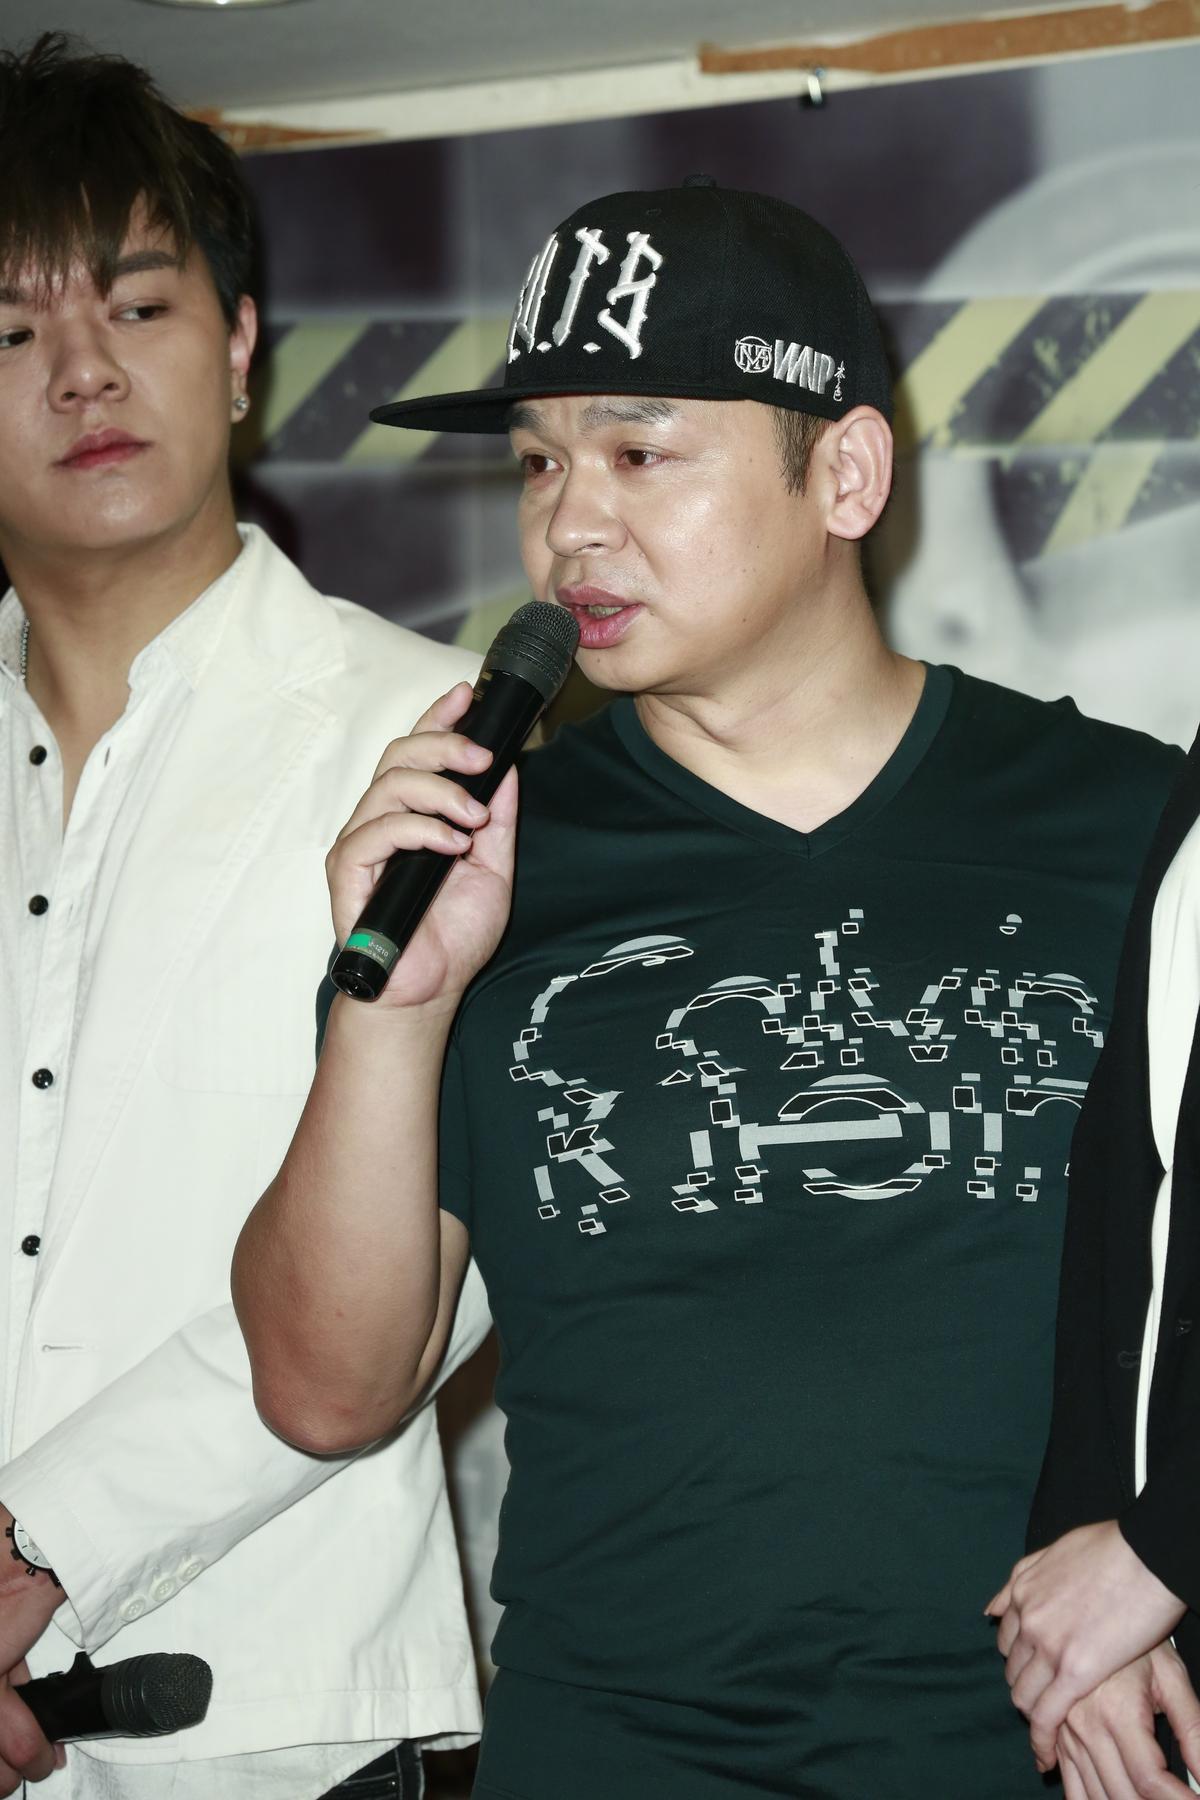 導演魯宗岳宣稱為了保護扮李宗瑞的演員,所以沒讓他出席記者會。